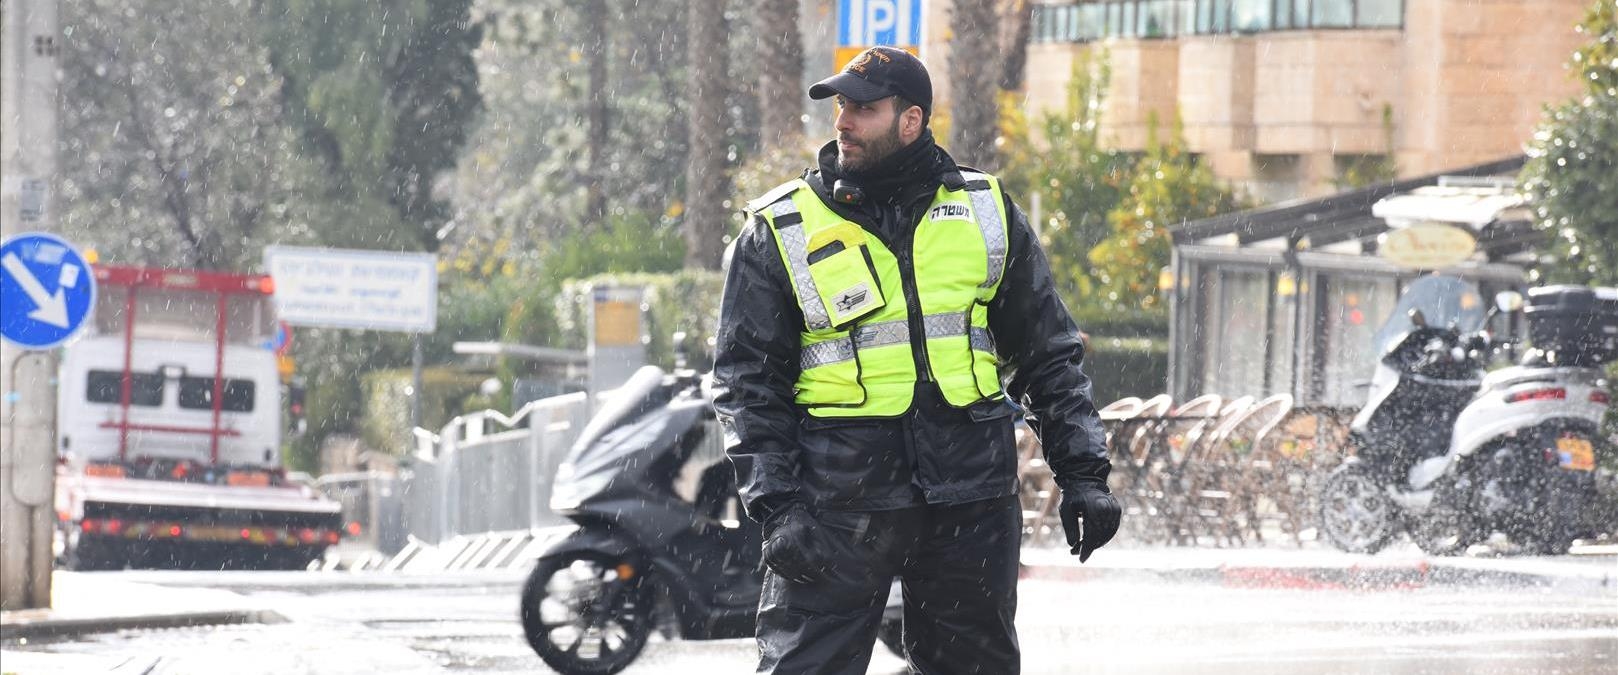 שוטר בירושלים, היום